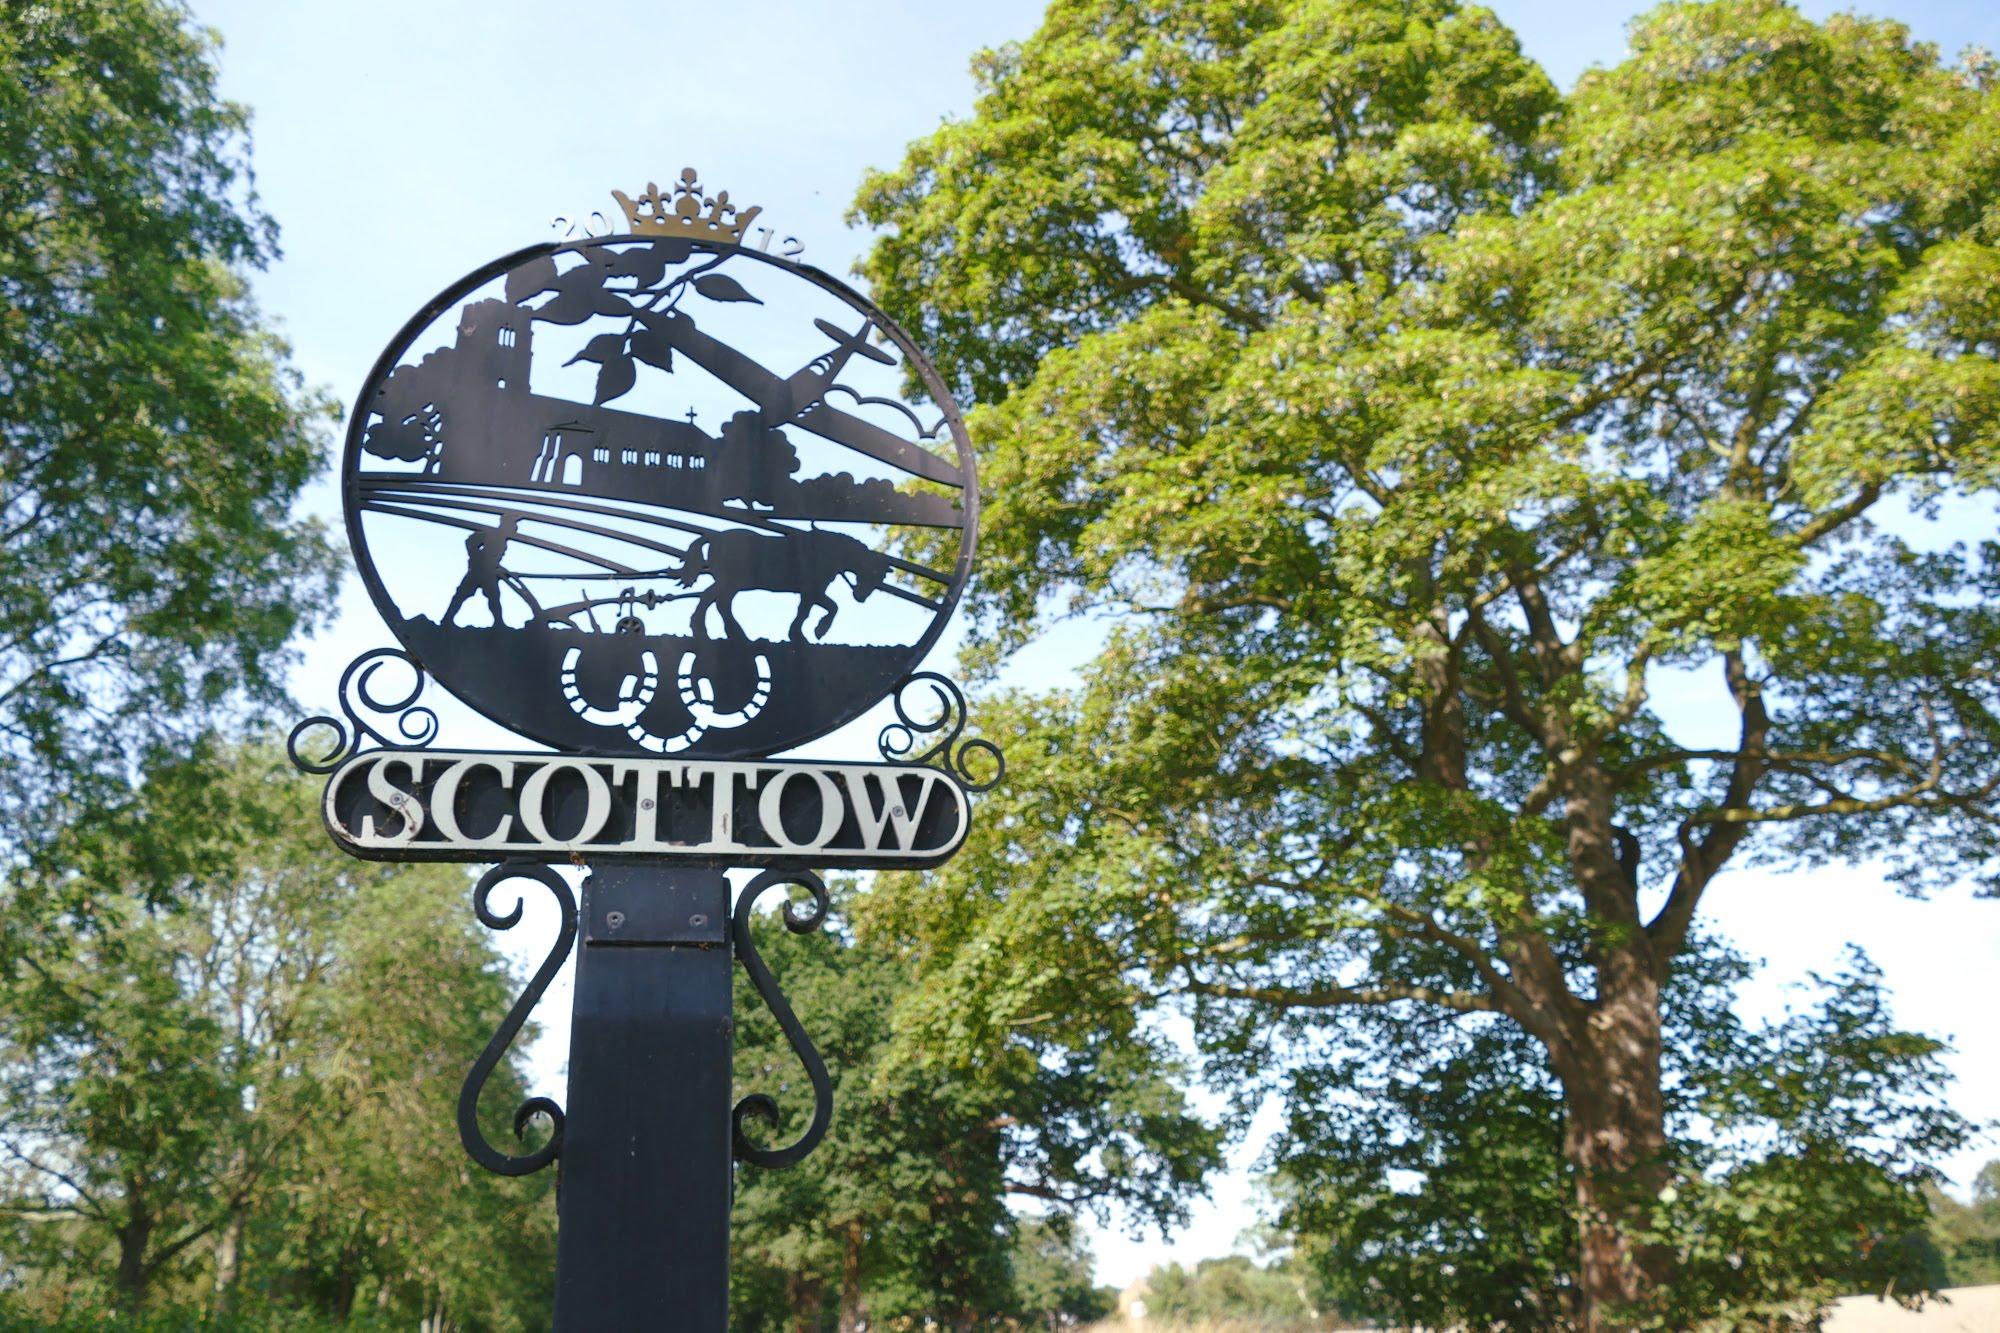 scottow_sign_closeup_landscape